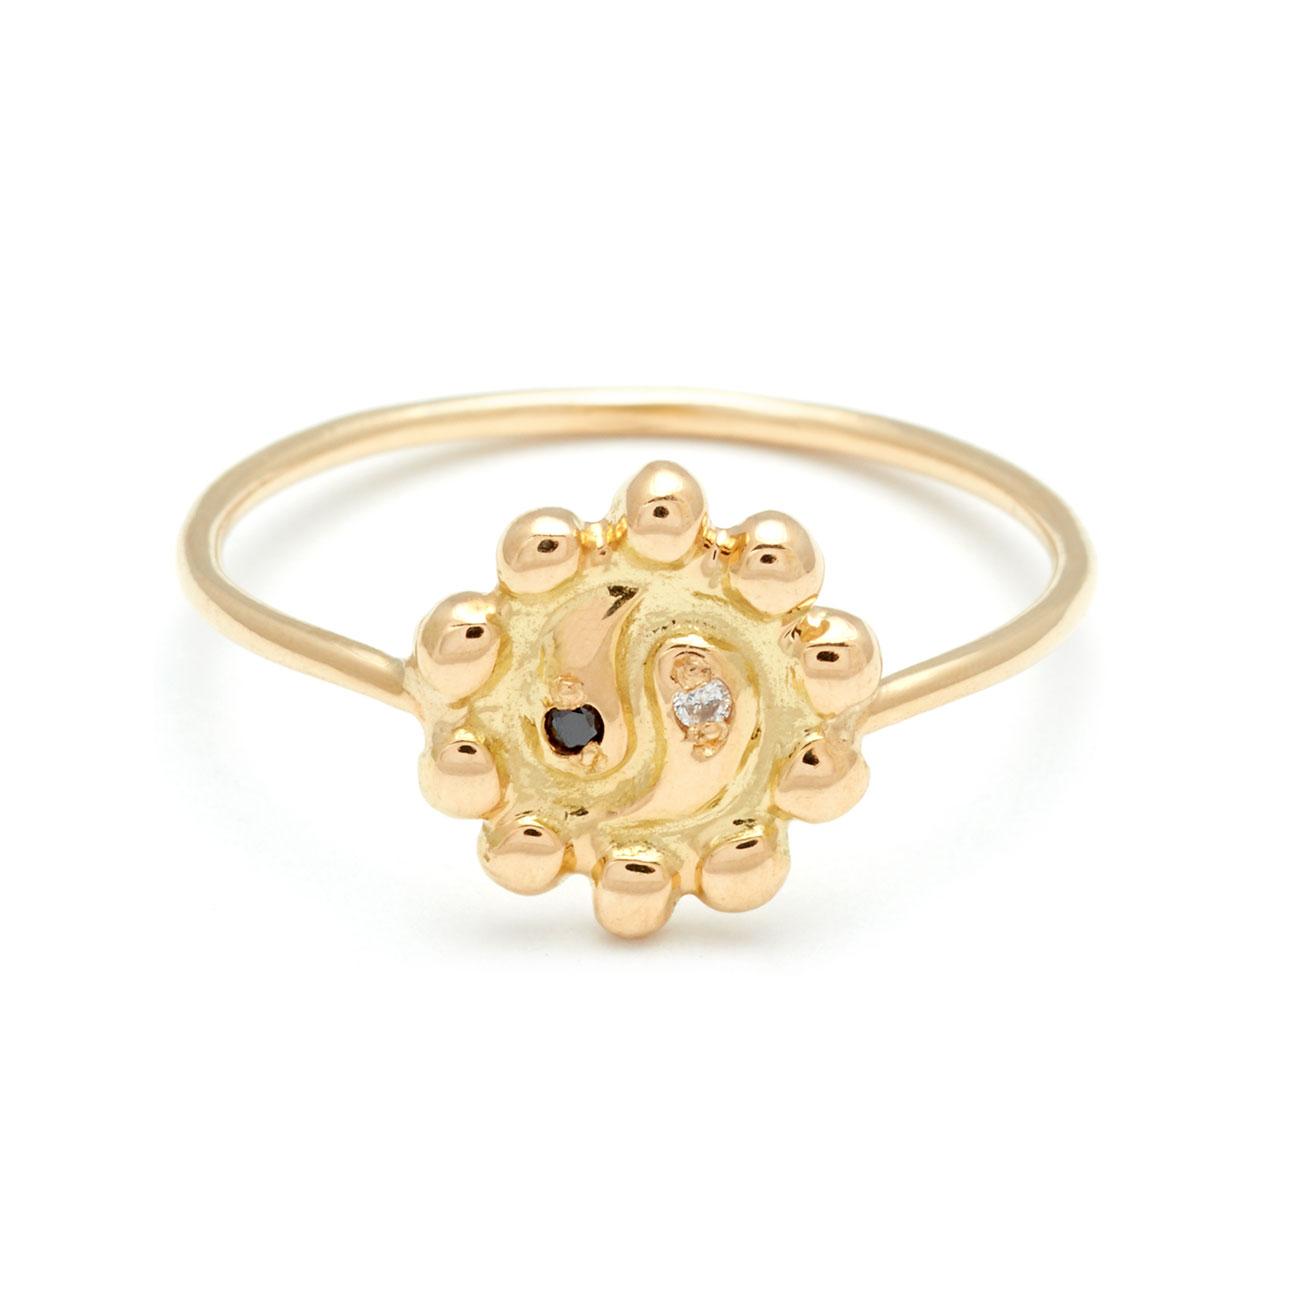 Ying yang flower ring elisa solomon jewelry mightylinksfo